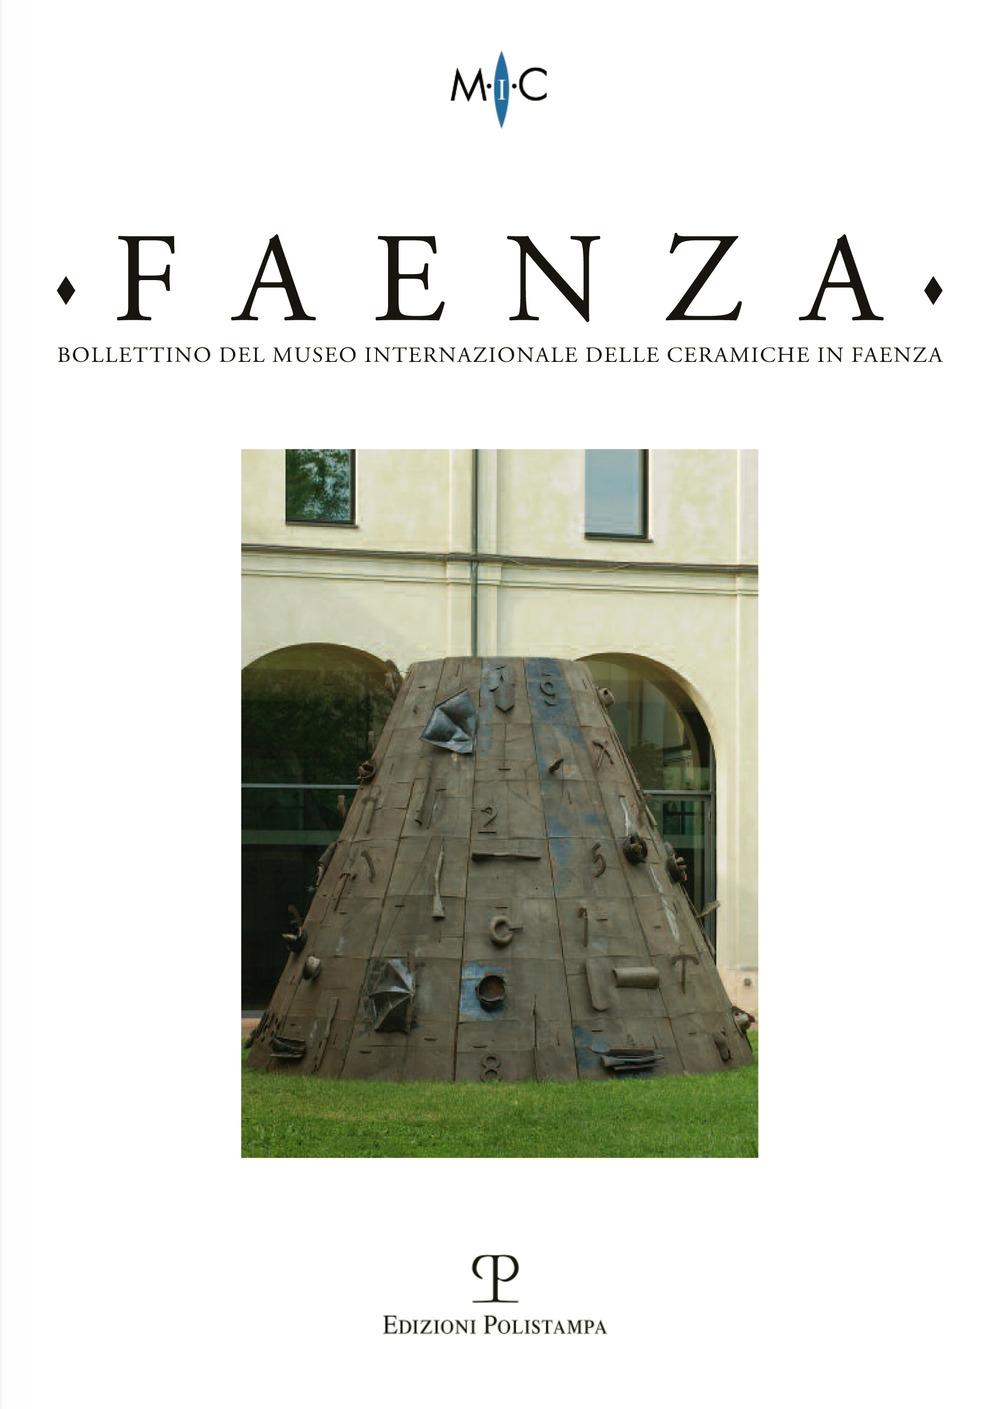 Faenza. Bollettino del Museo Internazionale delle Ceramiche in Faenza. Anno XCVIII. 0002. 2012